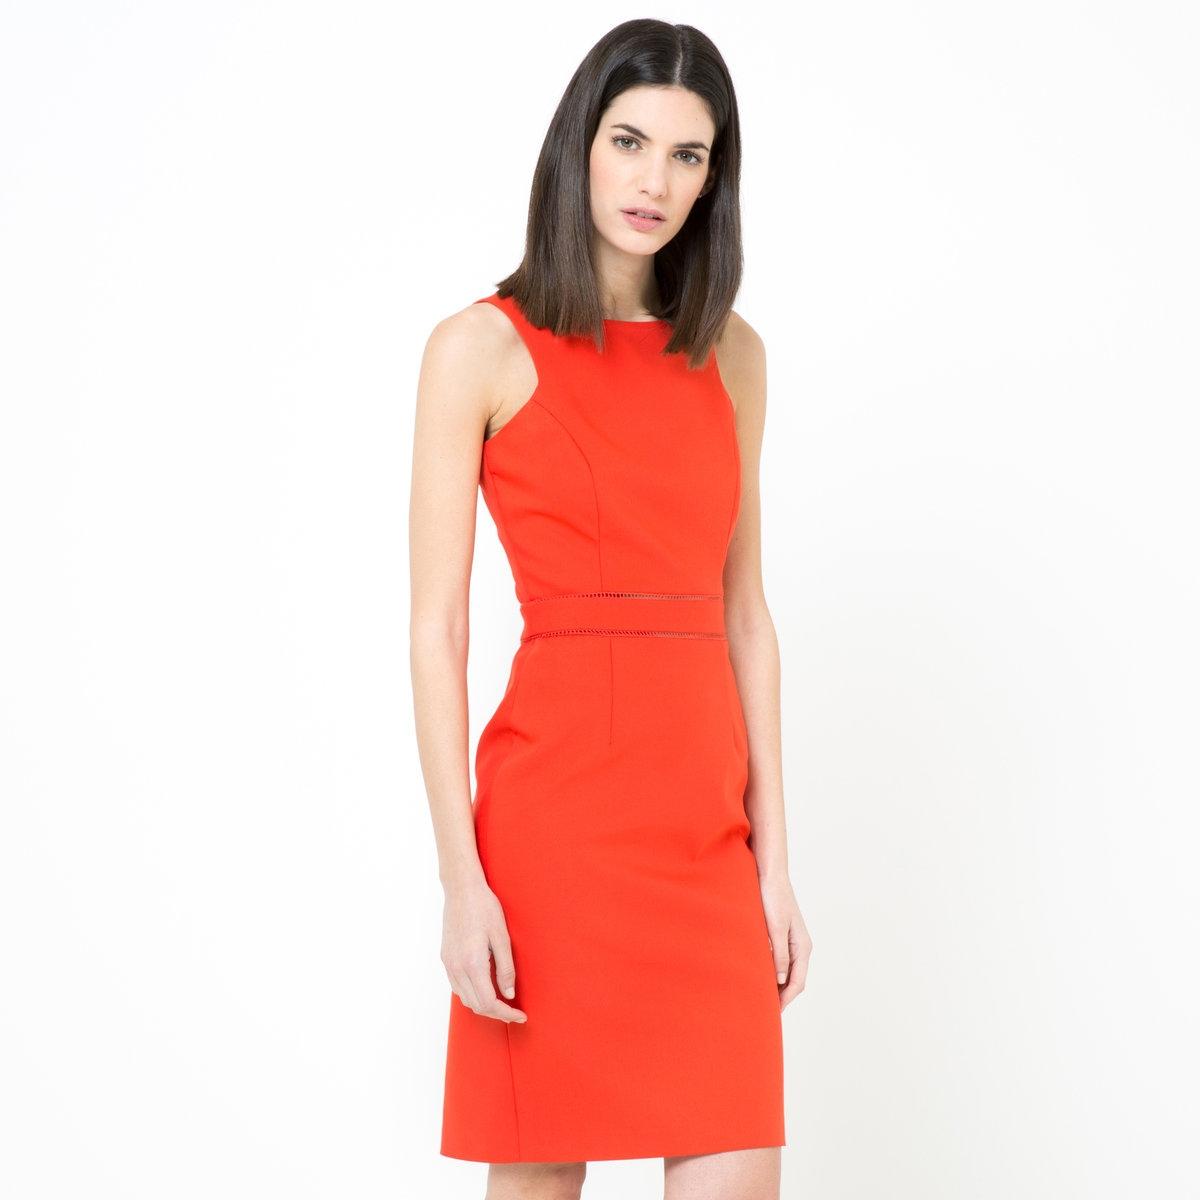 Платье-карандашПлатье-карандаш из трикотажа стретч, 48% хлопка, 48% полиэстера, 4% эластана. Американская пройма. Пояс с ажурными деталями. Скрытая молния сбоку. Разрез сзади. Длина ок.95 см.<br><br>Цвет: красный<br>Размер: 46 (FR) - 52 (RUS)